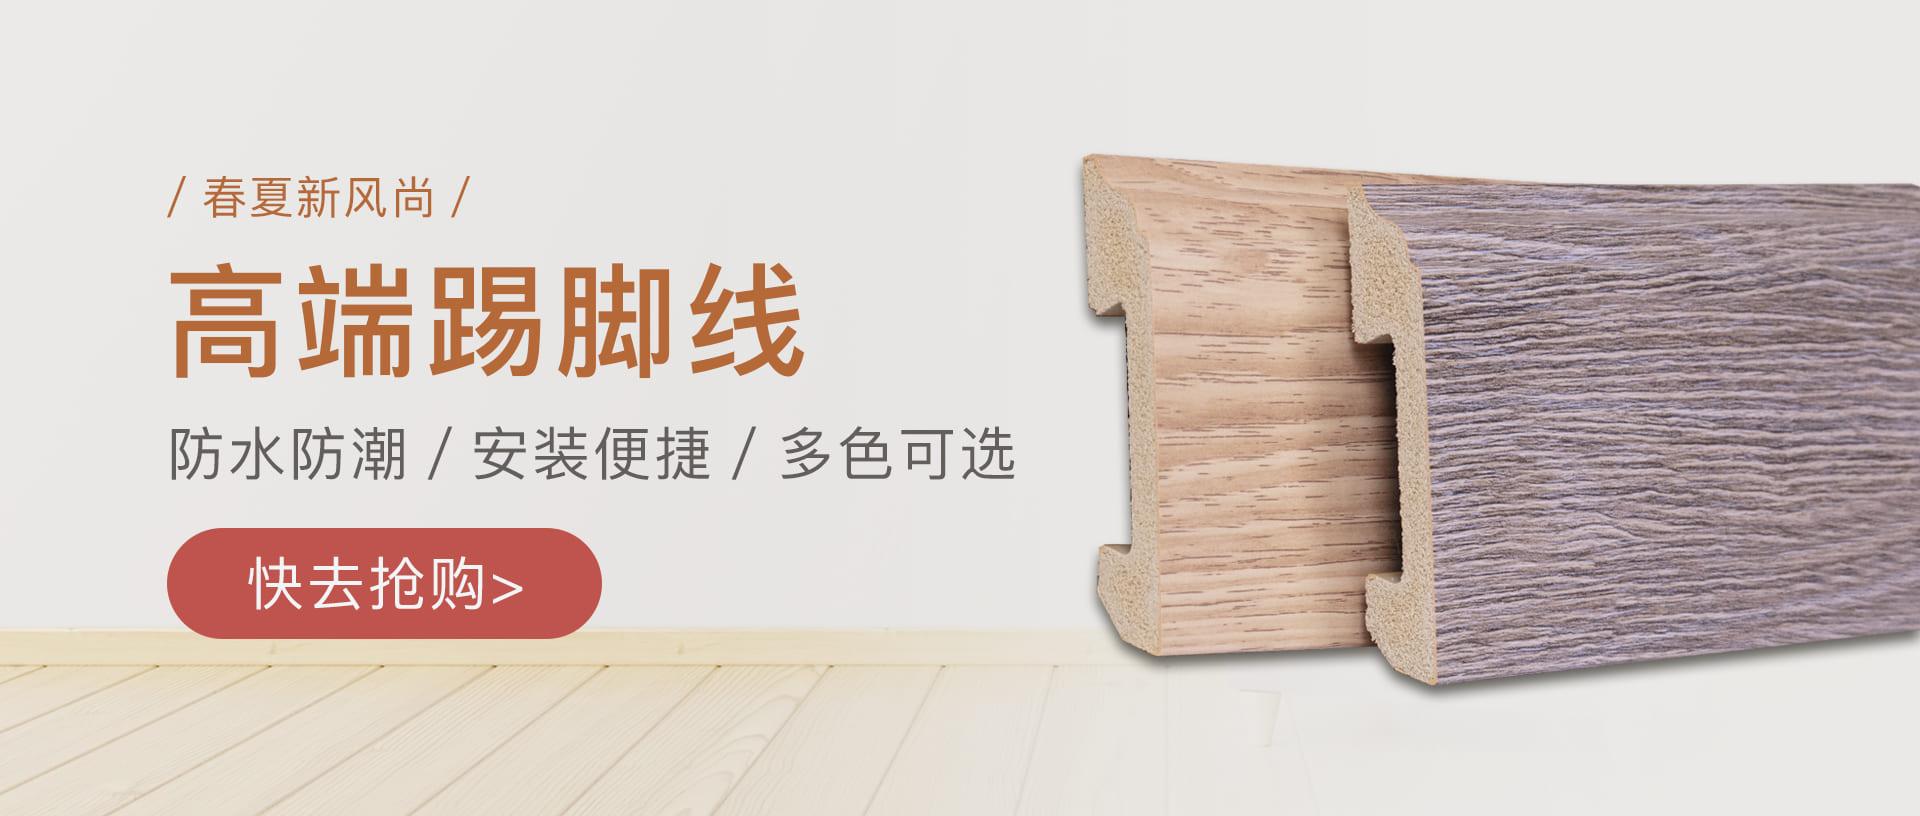 绿林高端踢脚线banner